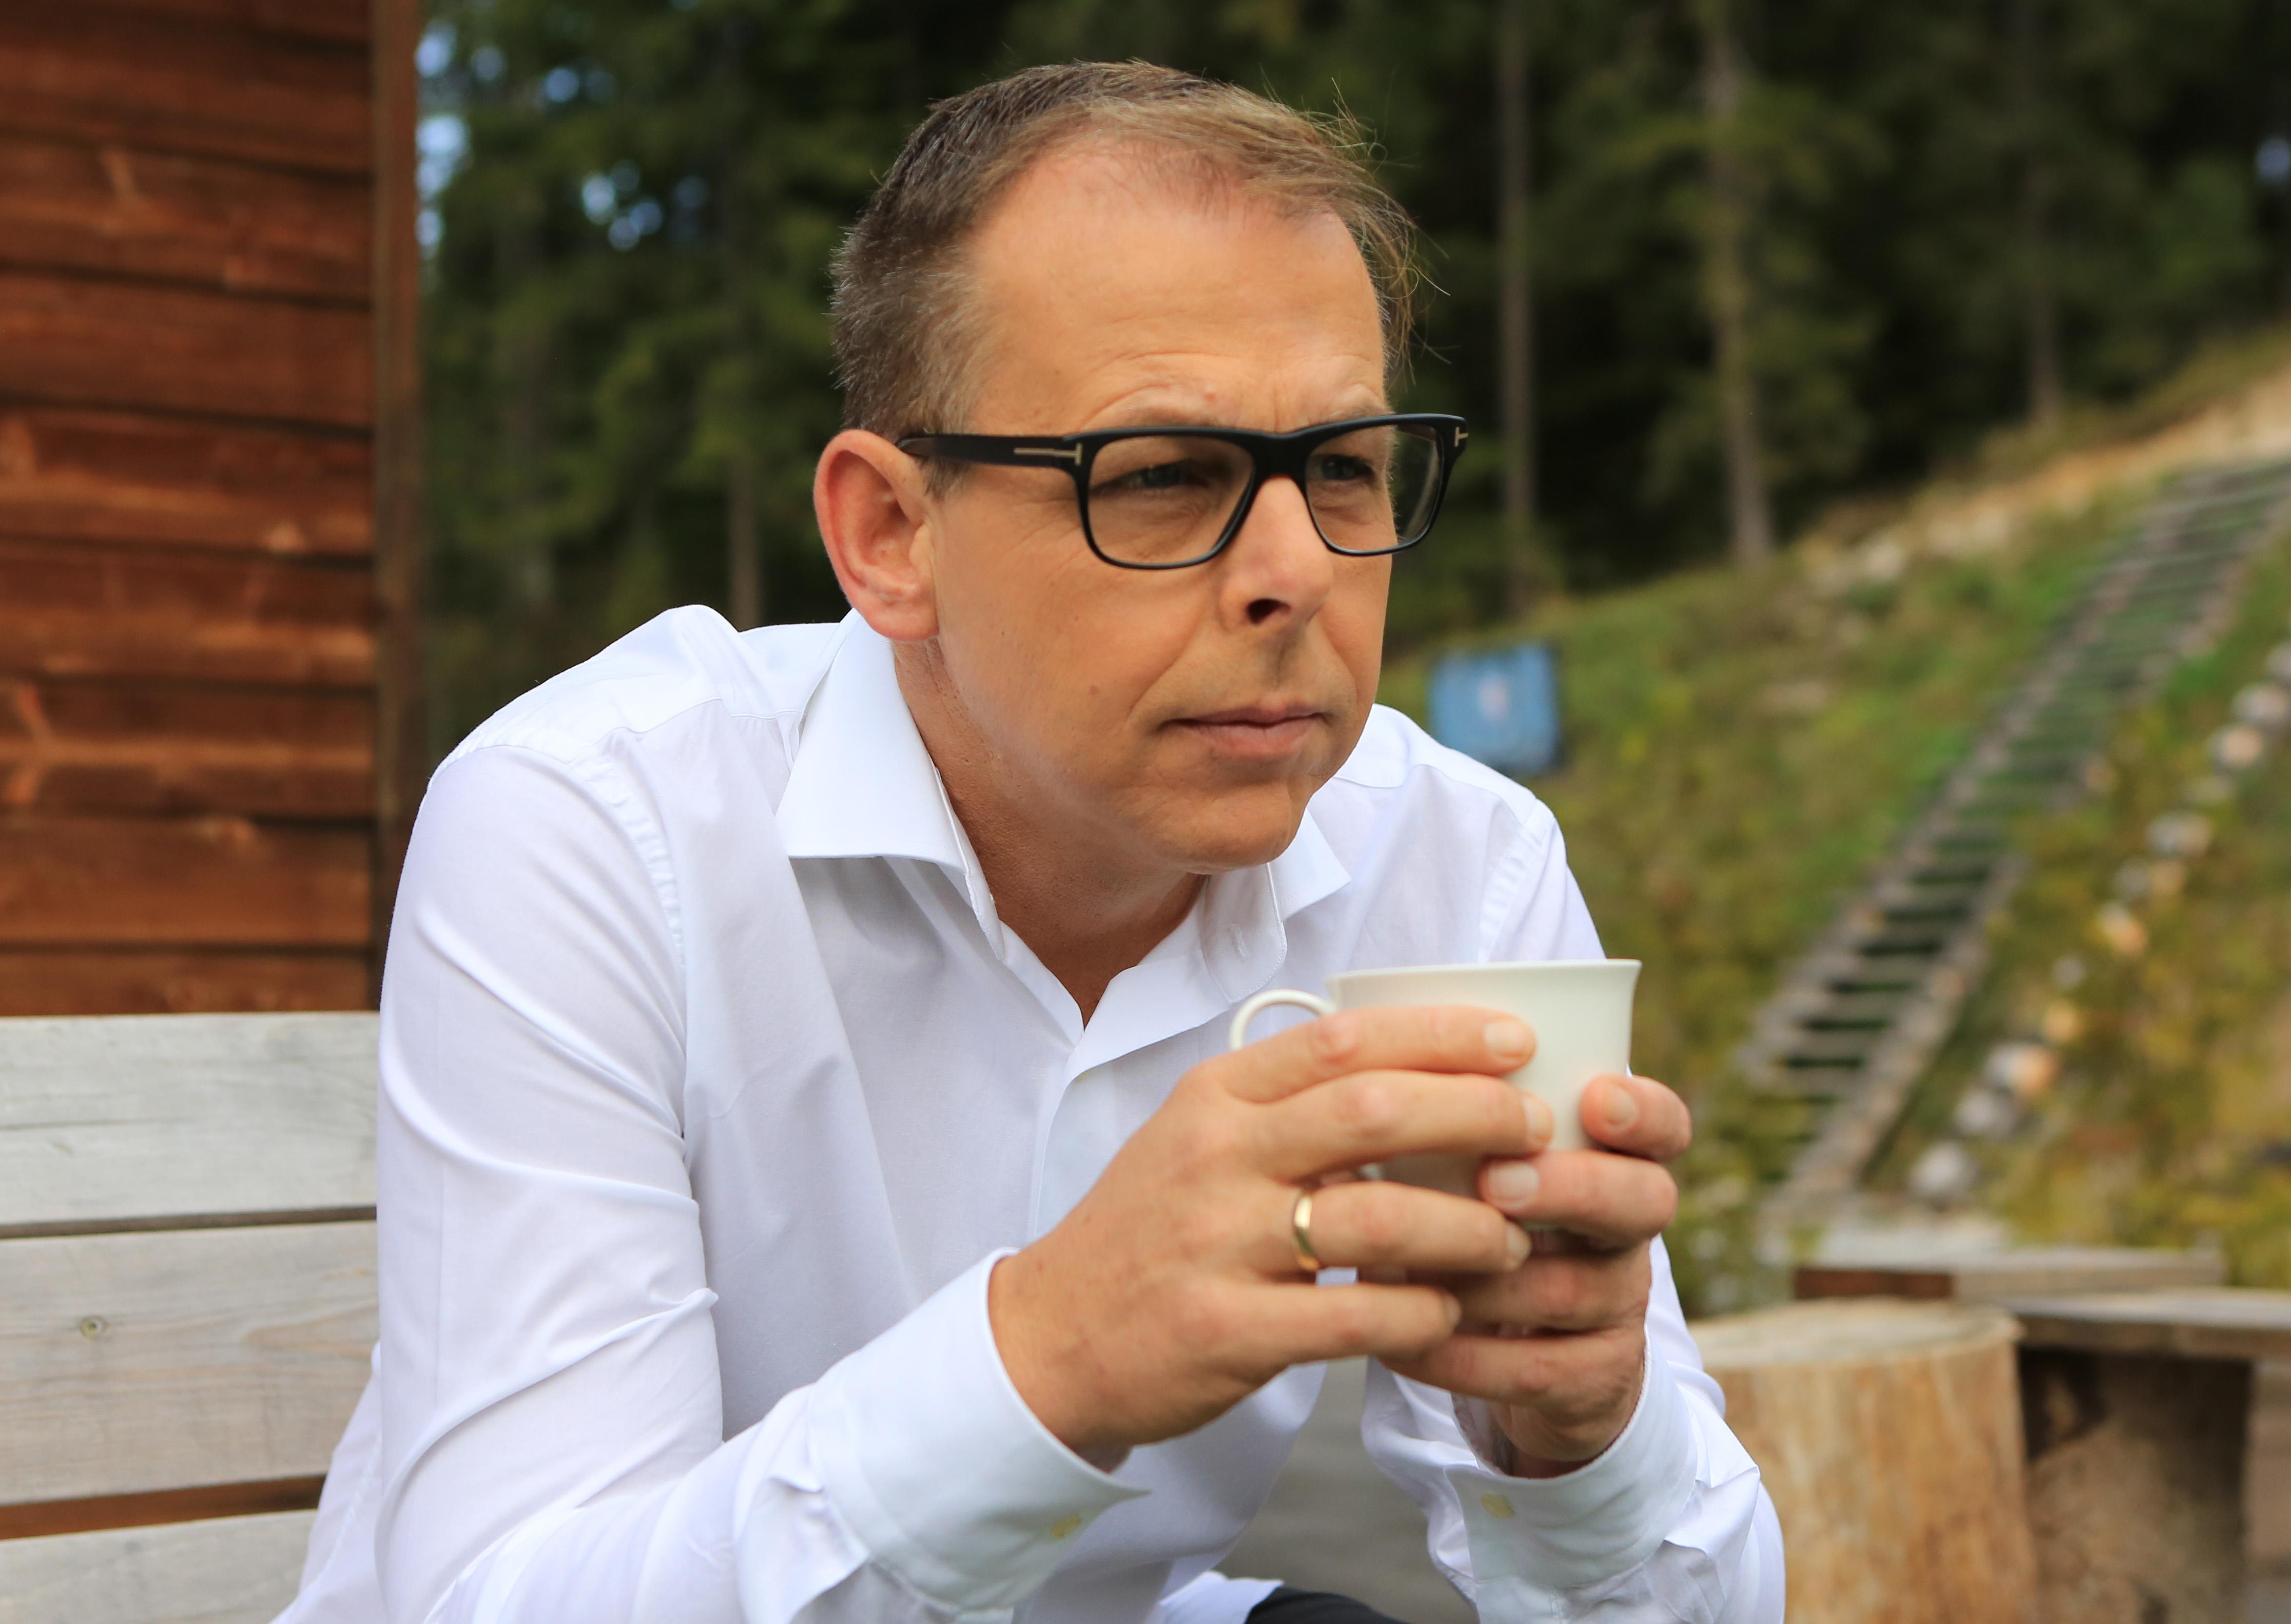 Interview mit Gernot Schweizer: Bewegung ist die wichtigste Säule gegen eine krank werdende Gesellschaft!